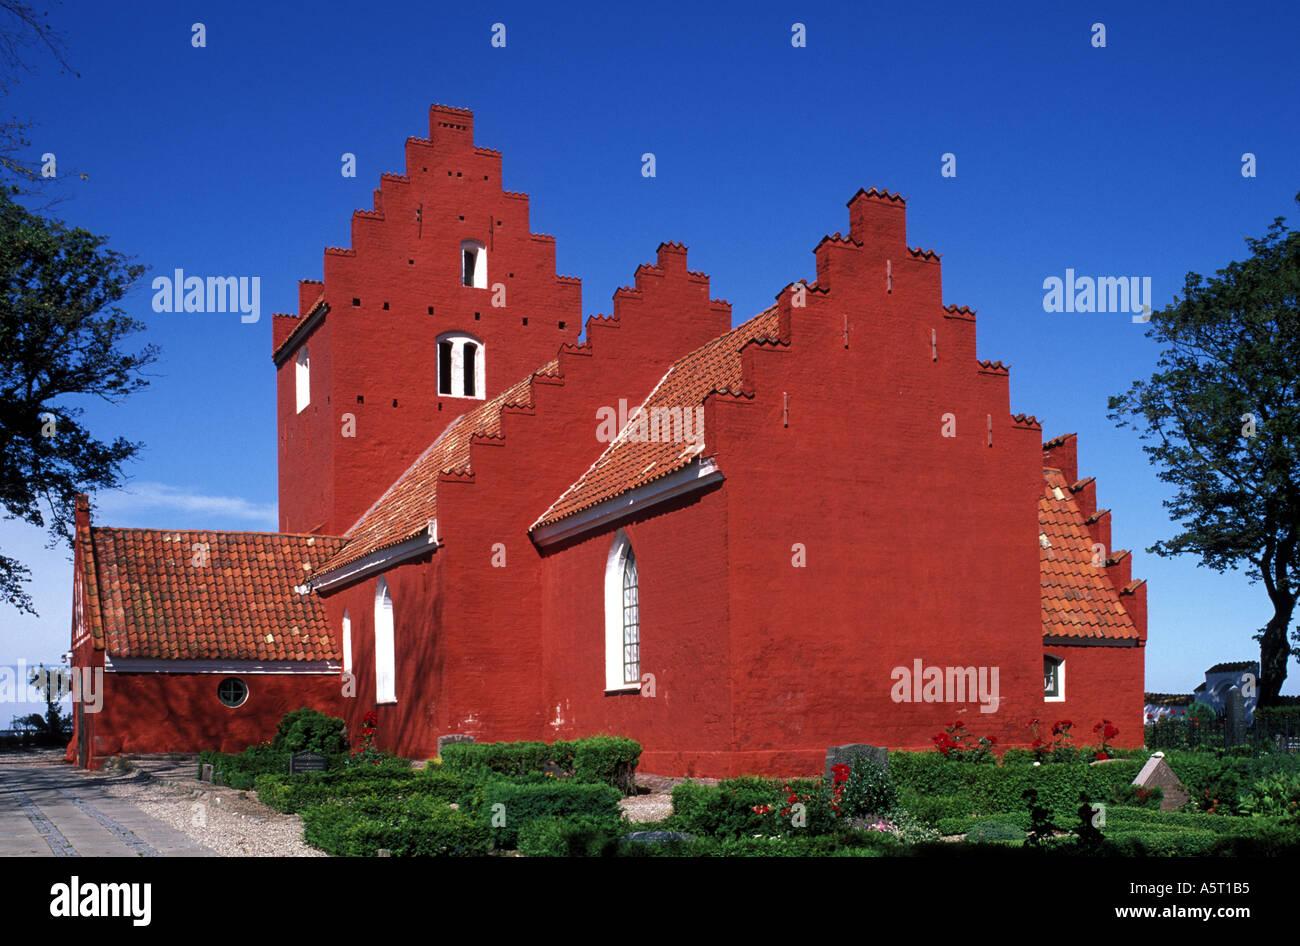 Denmark Sealand the Odden Kirke - Stock Image